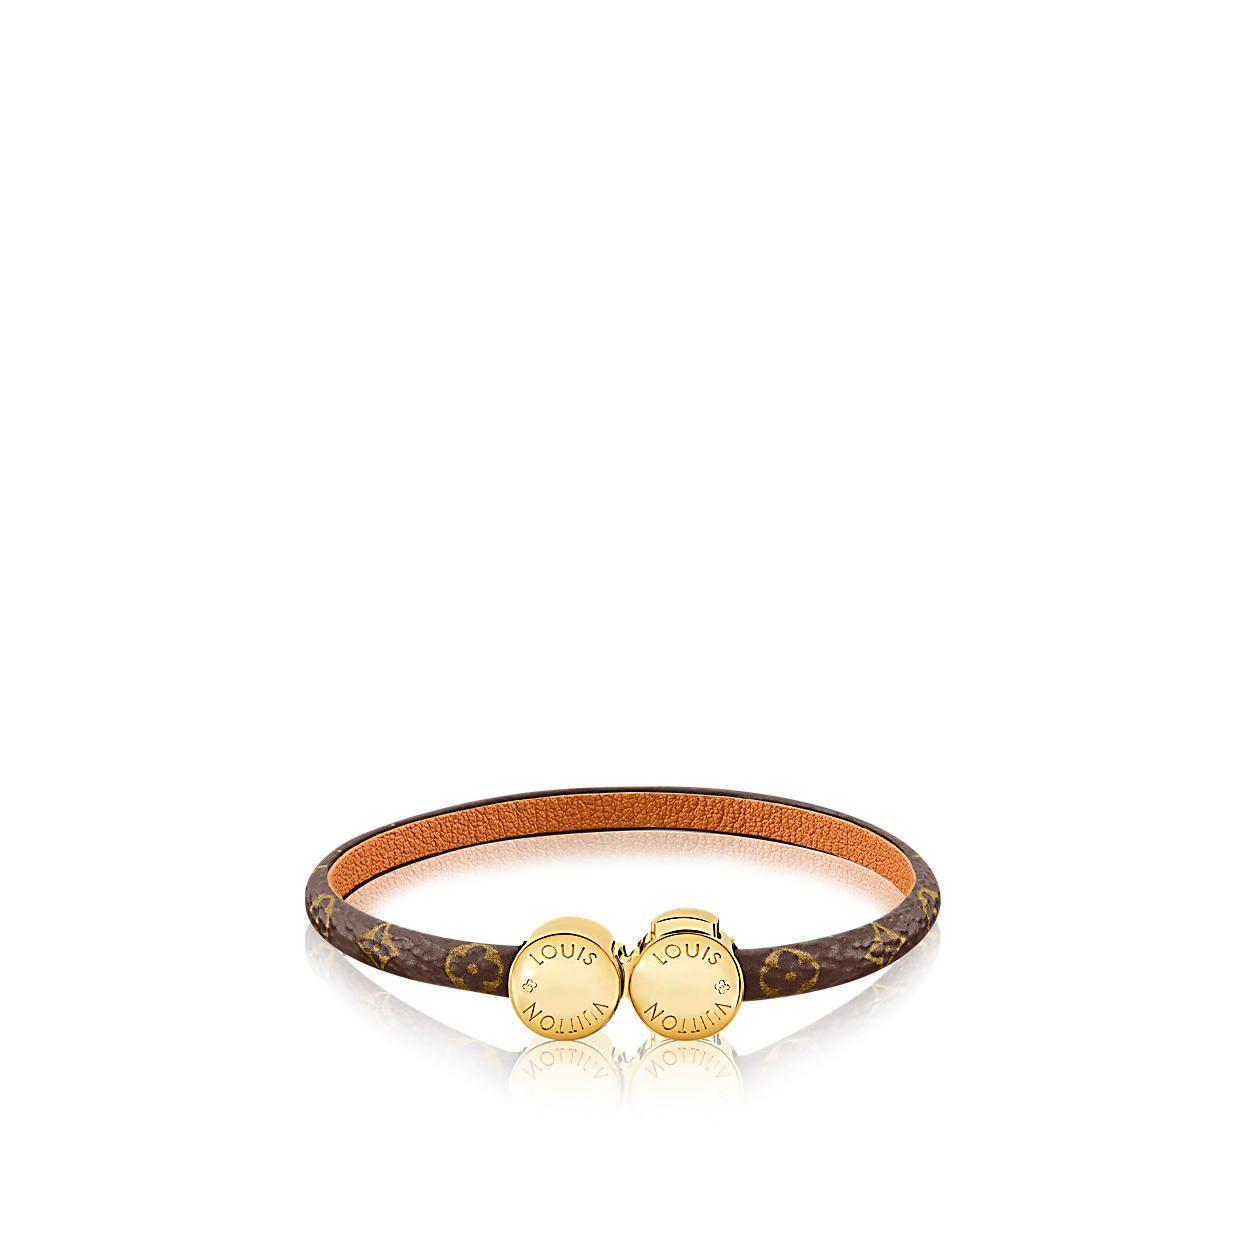 32c8c3280c5c7 Historic Mini Monogram Bracelet Monogram in WOMEN s ACCESSORIES LEATHER  BRACELETS collections by Louis Vuitton